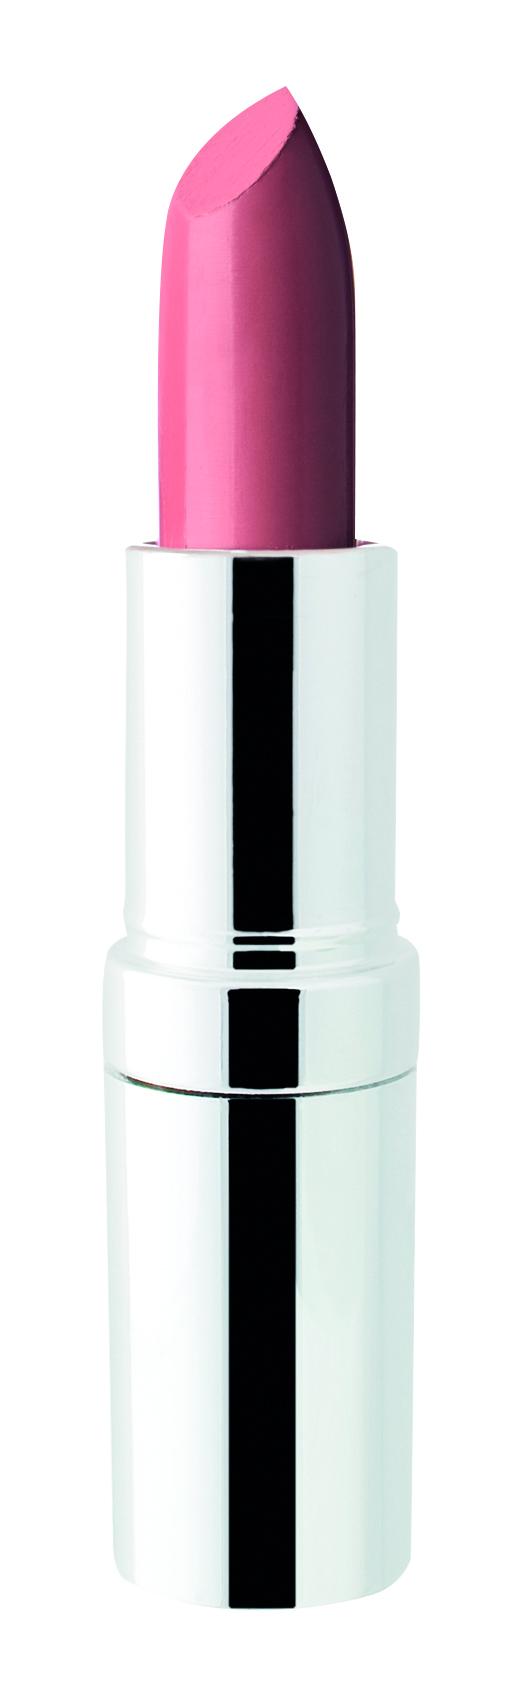 SEVENTEEN Помада губная устойчивая матовая SPF 15, 45 горько-сладкий / Matte Lasting Lipstick 5 г